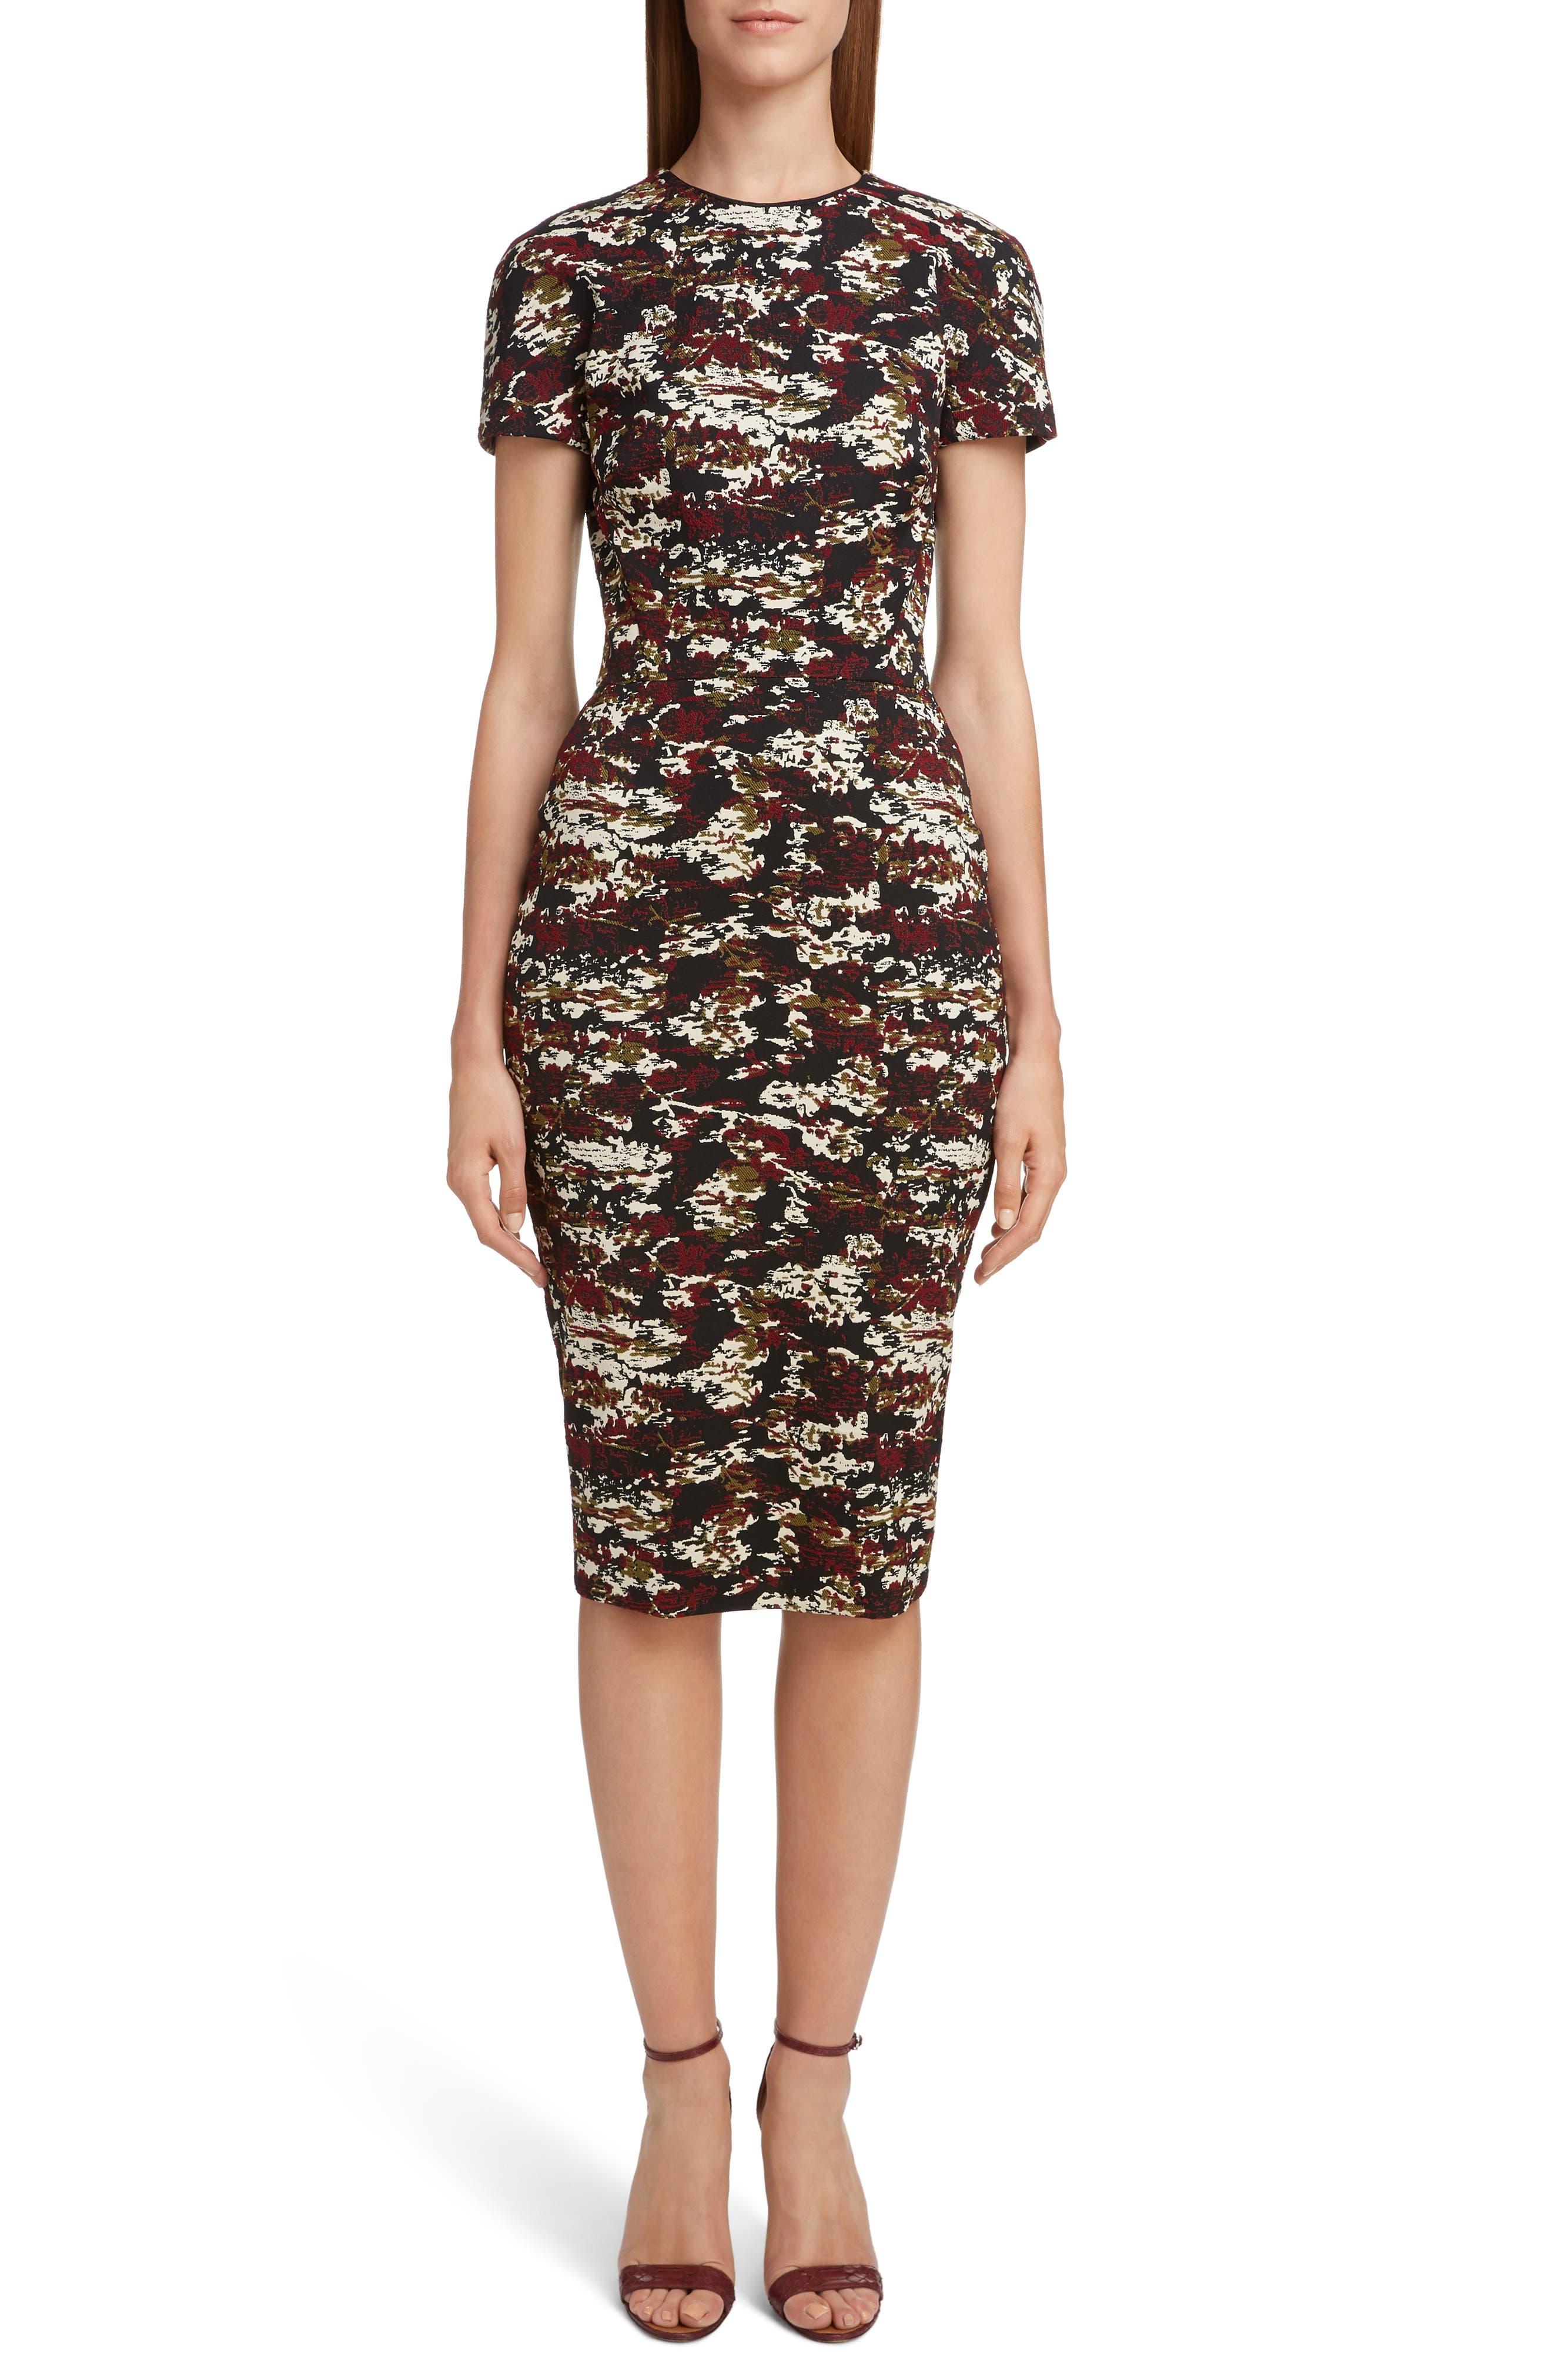 VICTORIA BECKHAM, Camouflage Jacquard Dress, Main thumbnail 1, color, BORDEAUX-BLACK